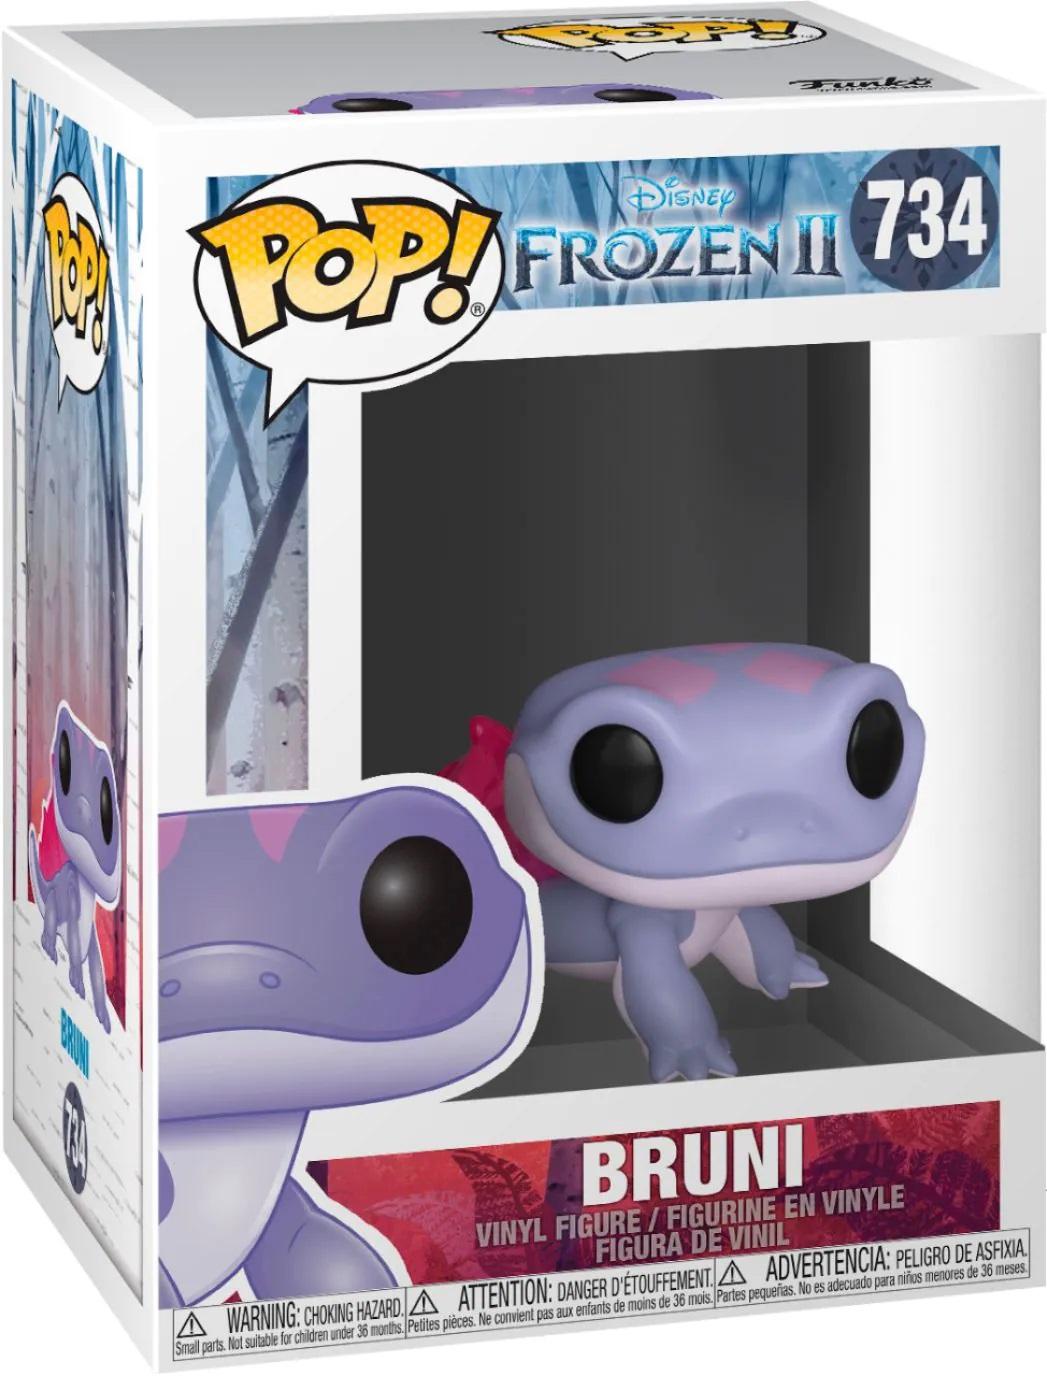 Boneco Funko Pop Disney Frozen 2 Bruni 734